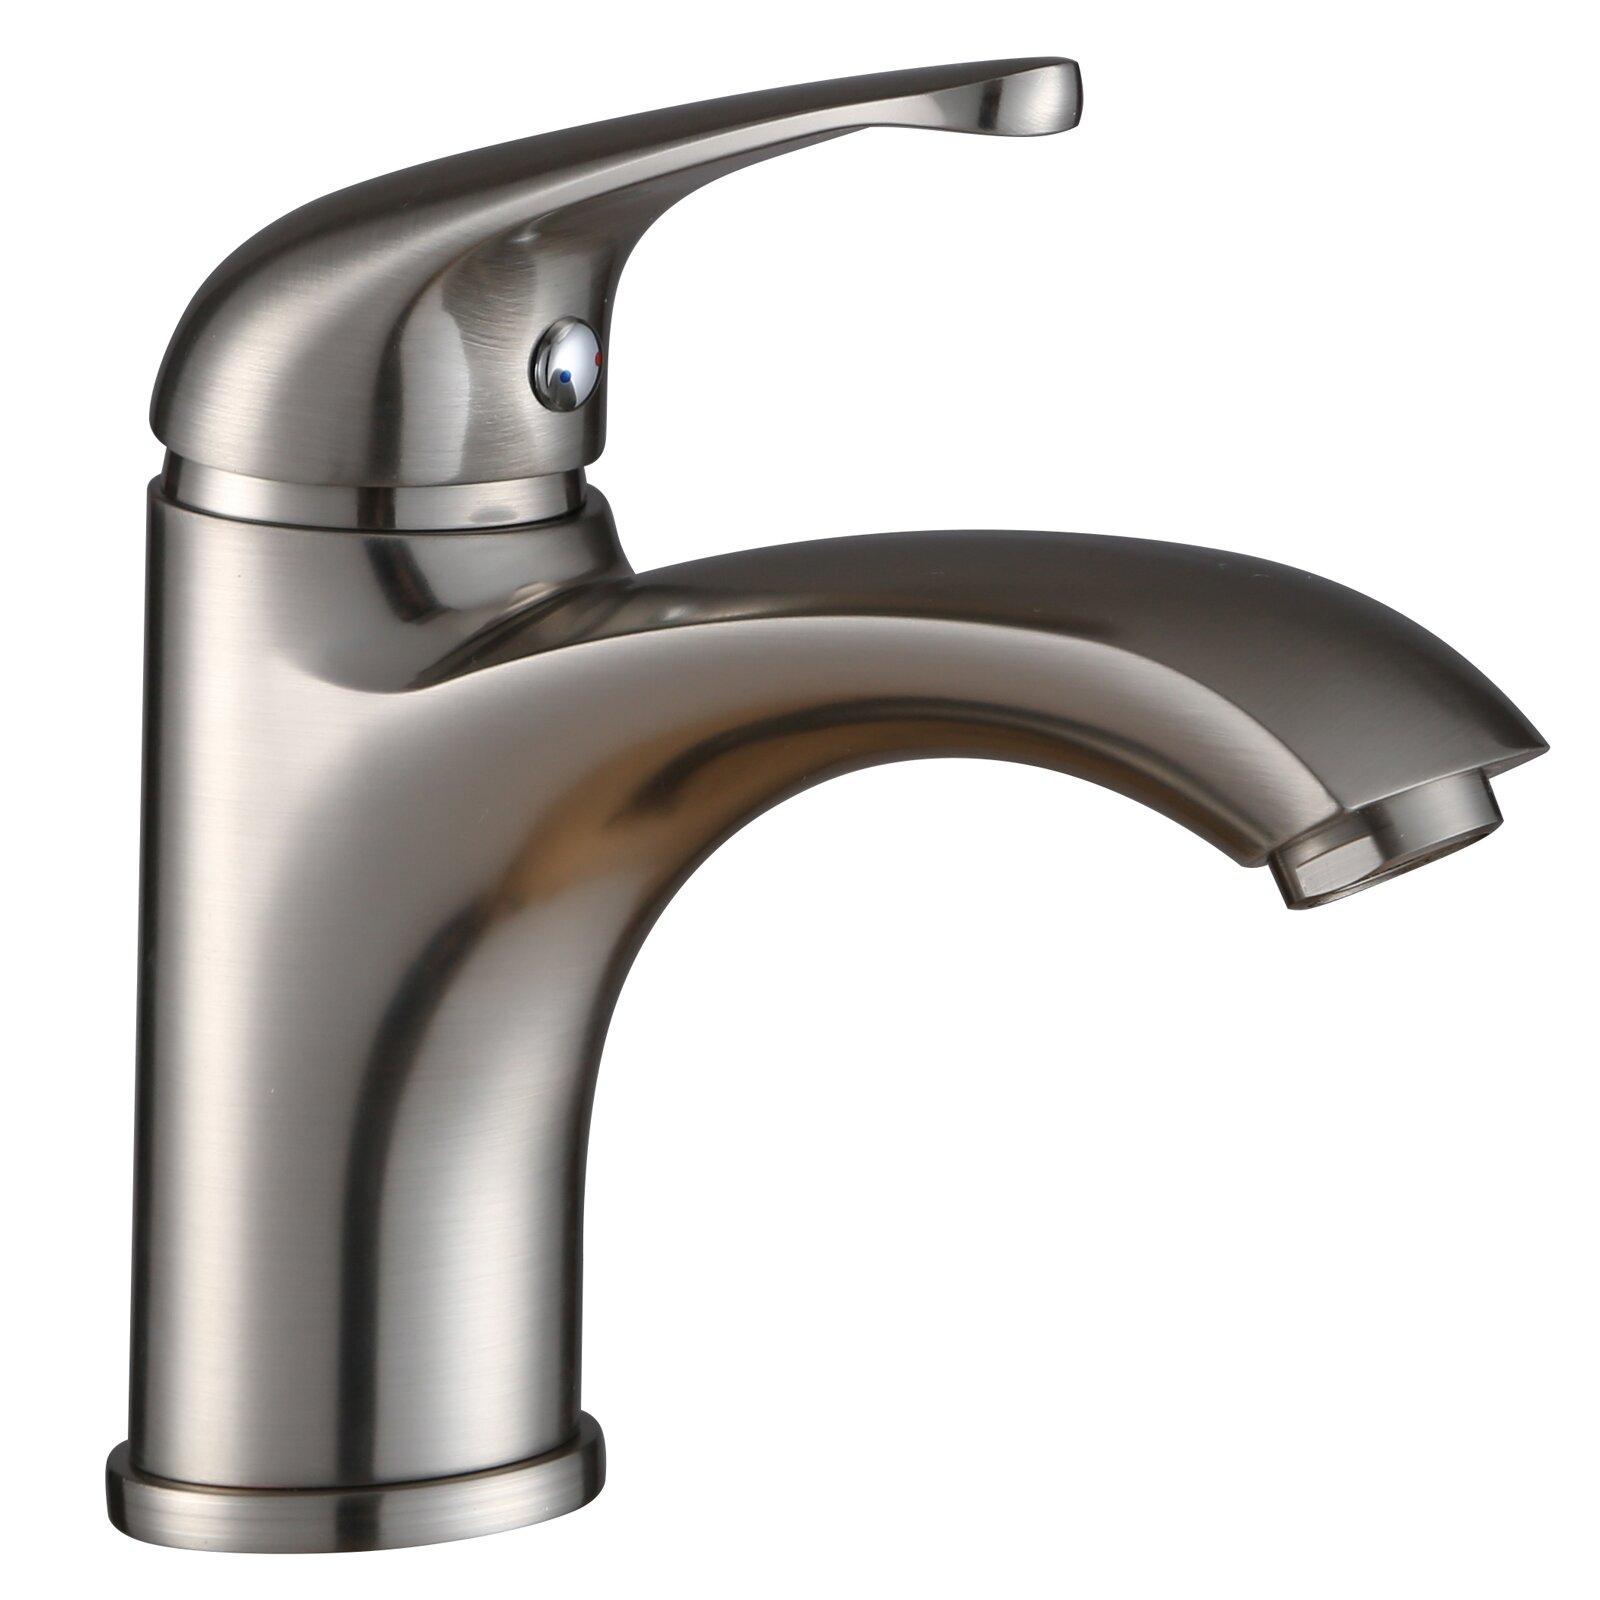 single handle bathroom faucet   My Web Value